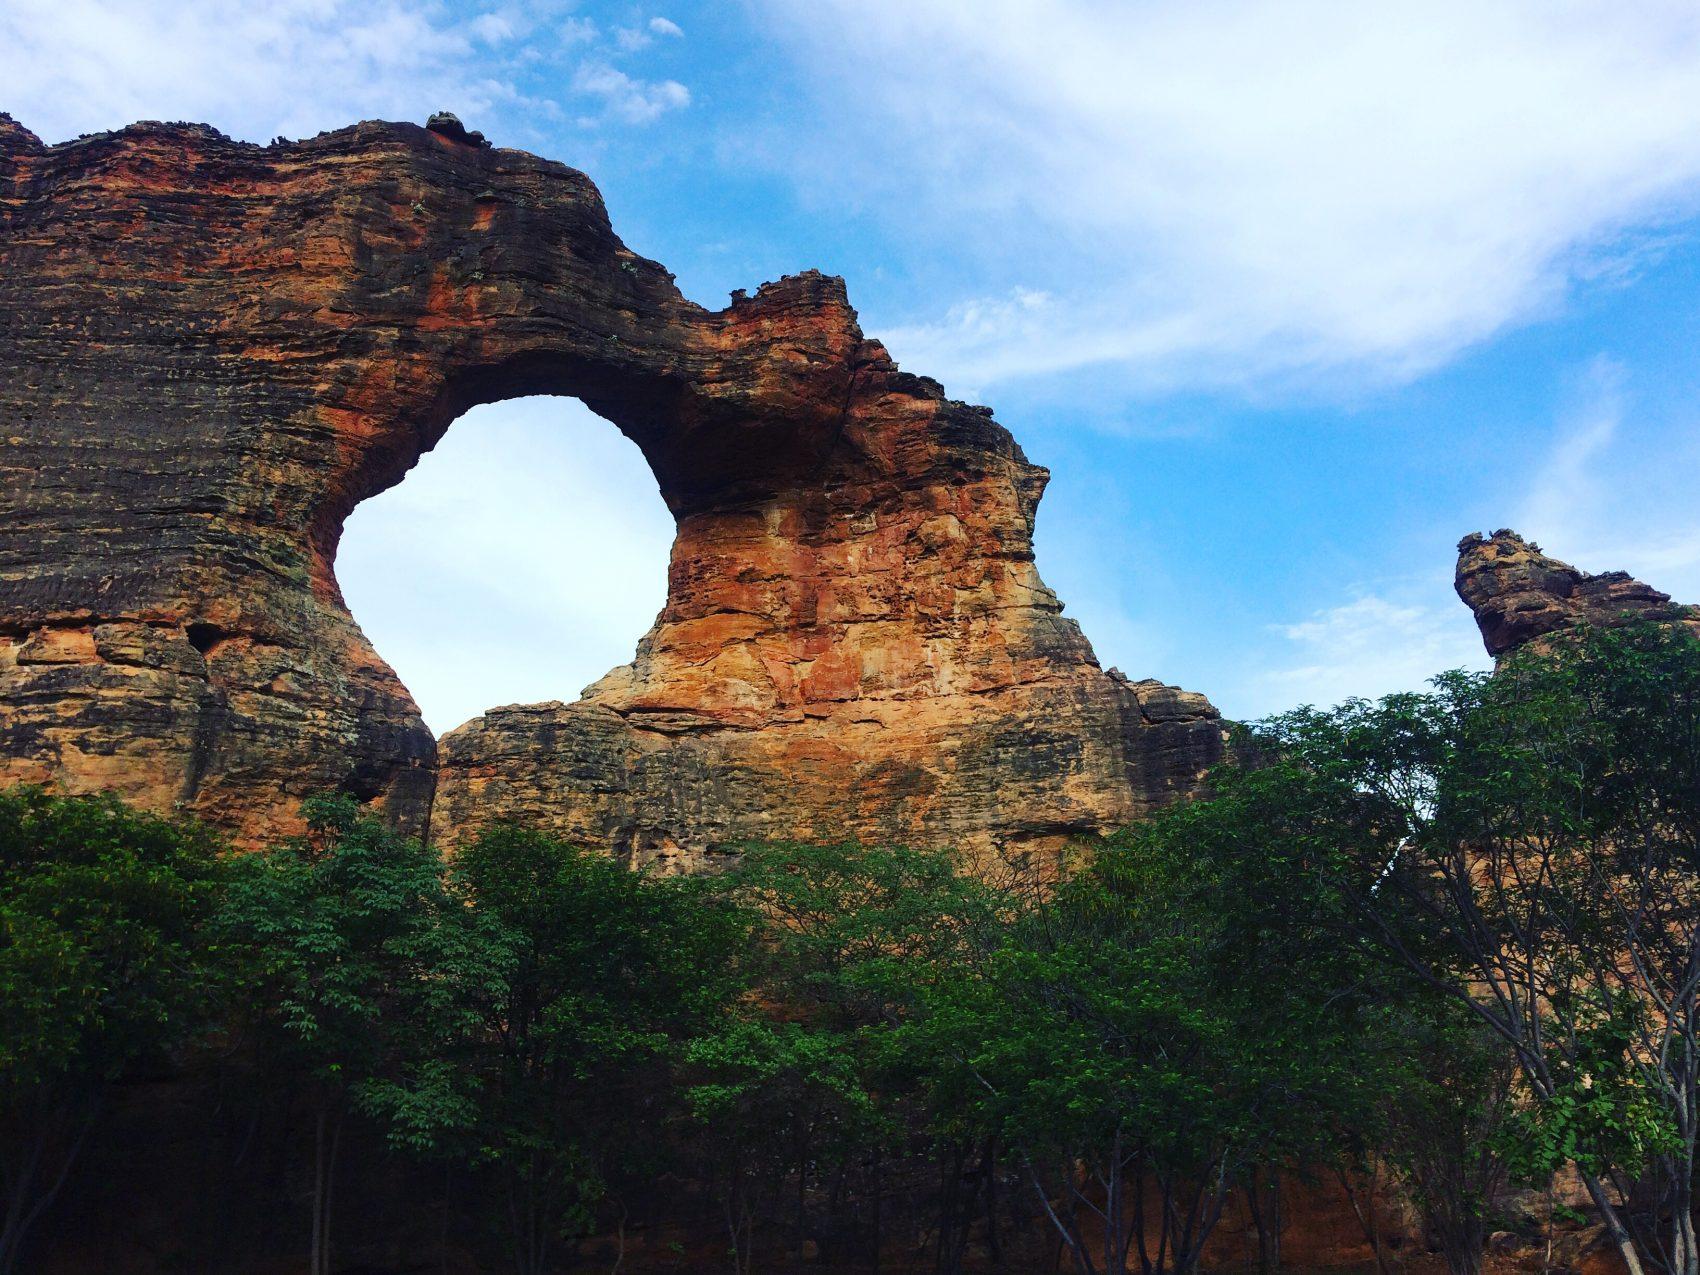 Pedra Furada no Parque Nacional da Serra da Capivara: mais de 1.400 sítios arqueológicos, com 40 mil pinturas rupestres, algumas com 12 mil anos (Foto: Eduardo Carvalho)